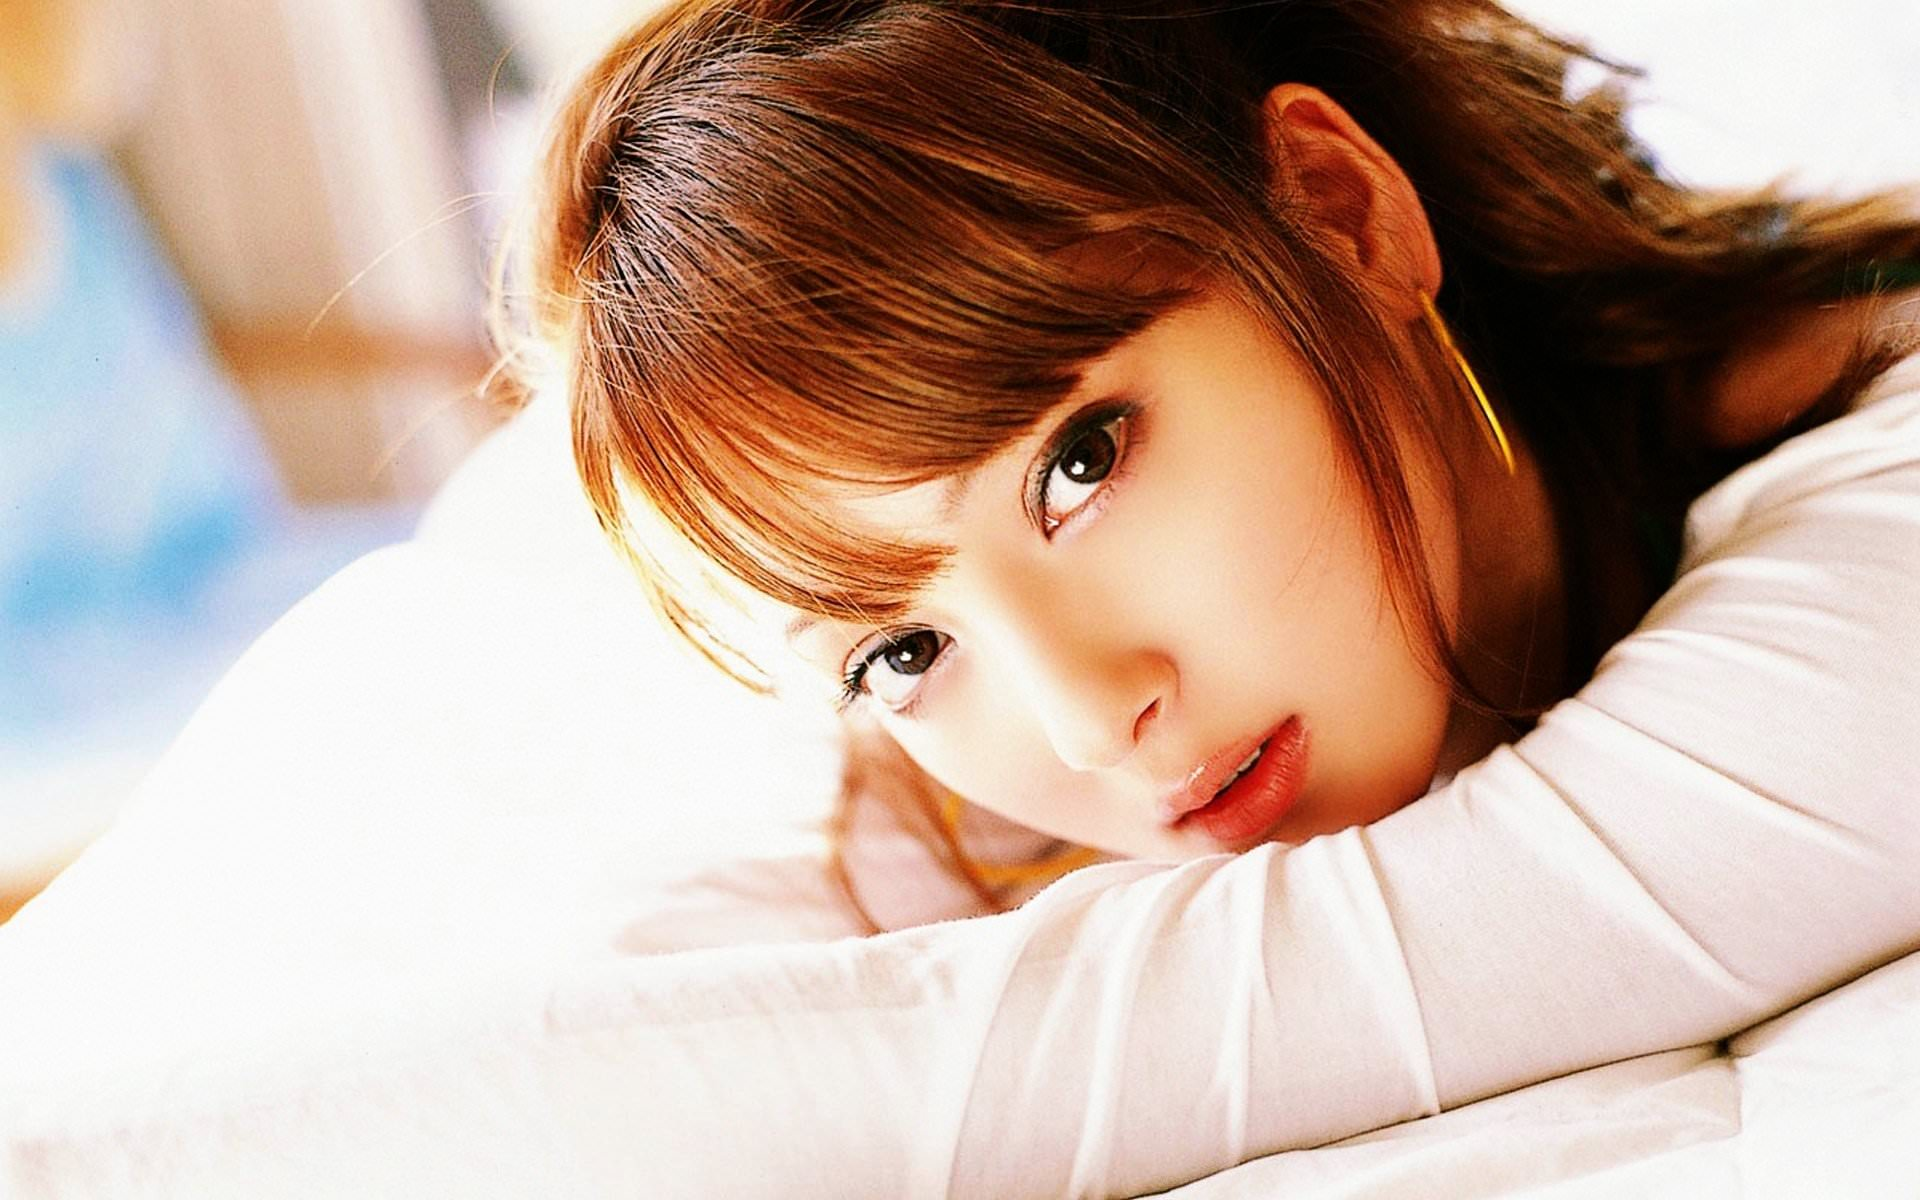 Фото японских девушек смотреть онлайн 26 фотография